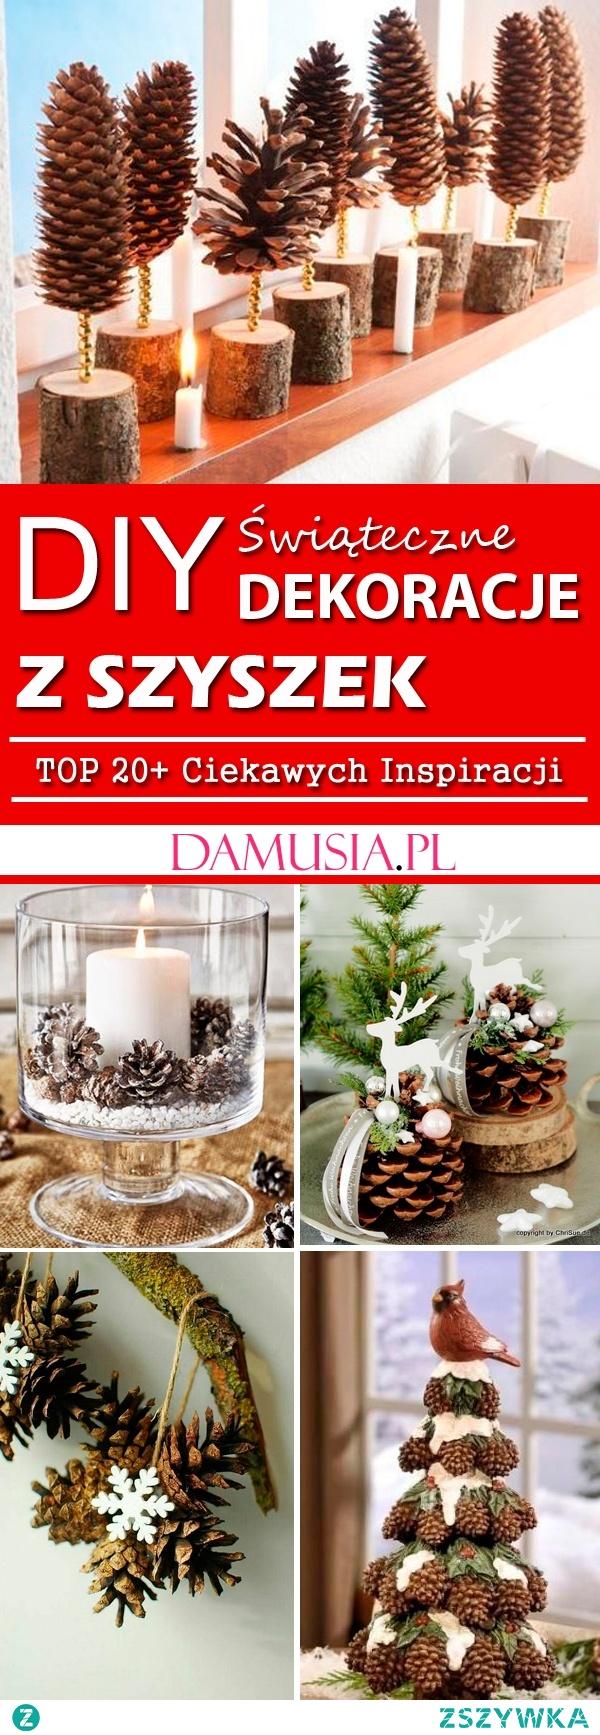 Świąteczne Dekoracje z Szyszek – TOP 20+ Ciekawych Inspiracji